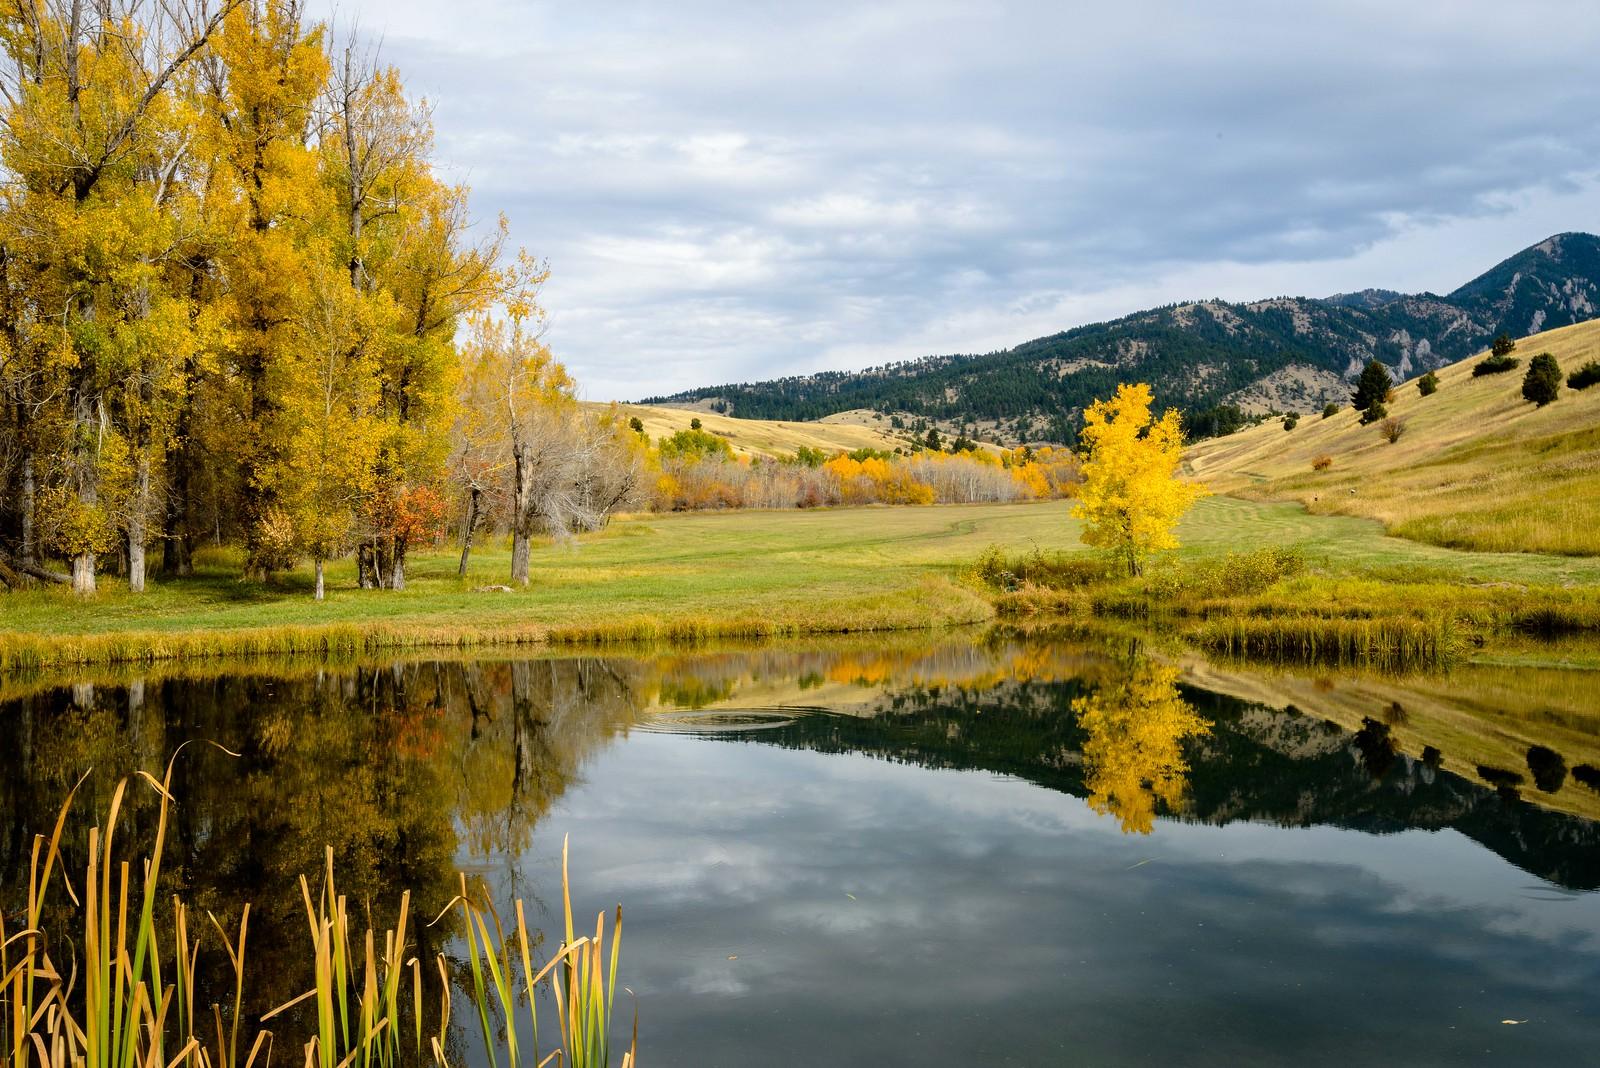 Fall | Lyman Creek, MT